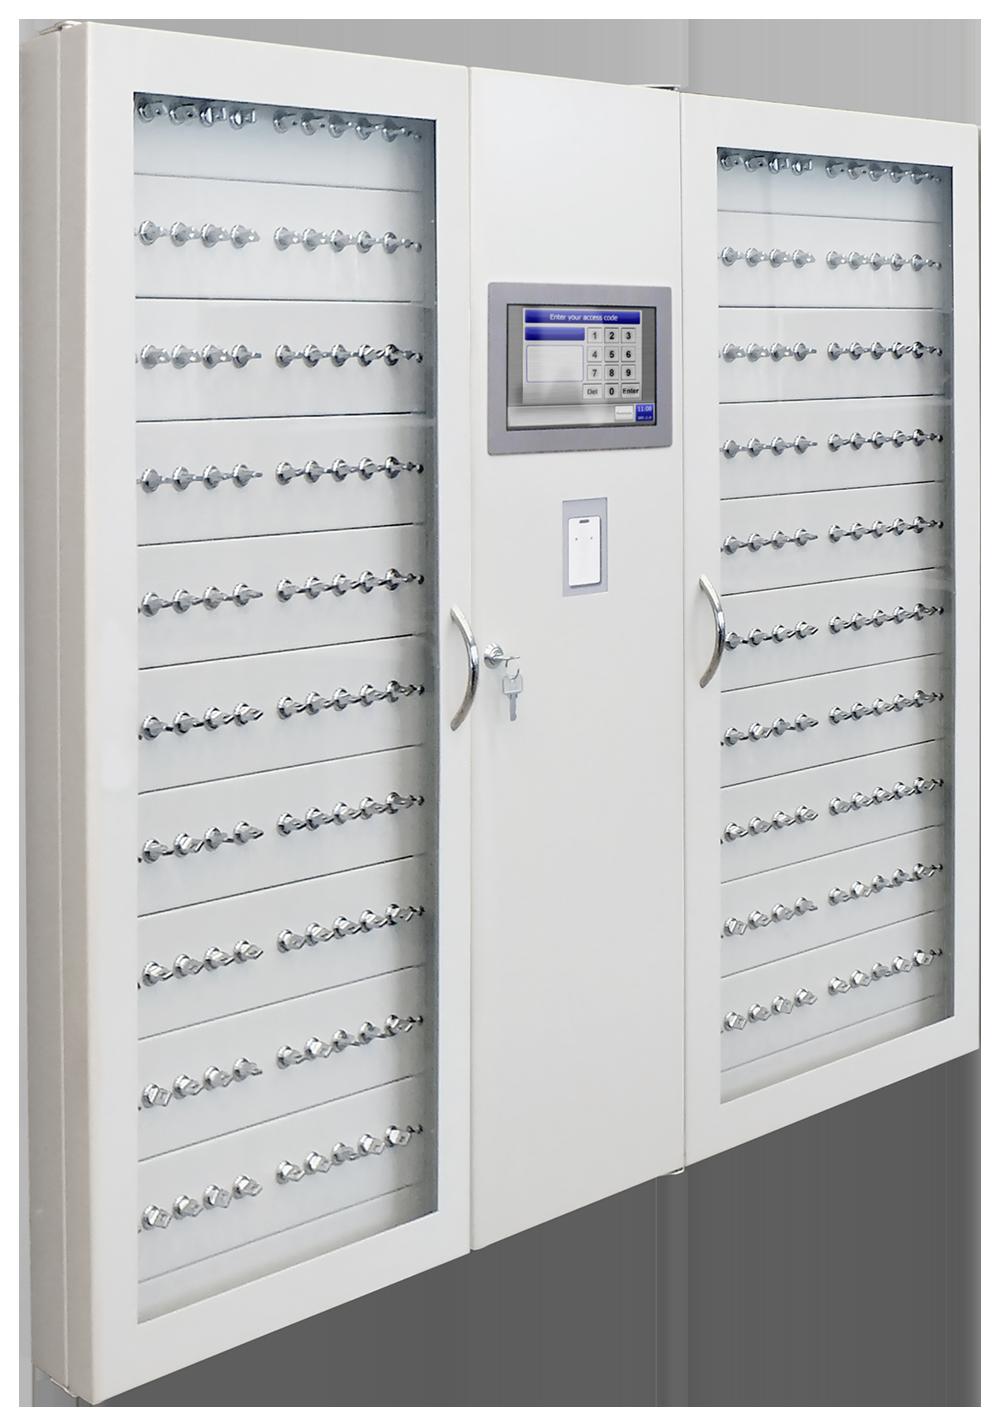 Elektronisk håndtering, administration og opbevaring af nøgler og værdigenstande i kabinetter, bokse, skabe, lockers